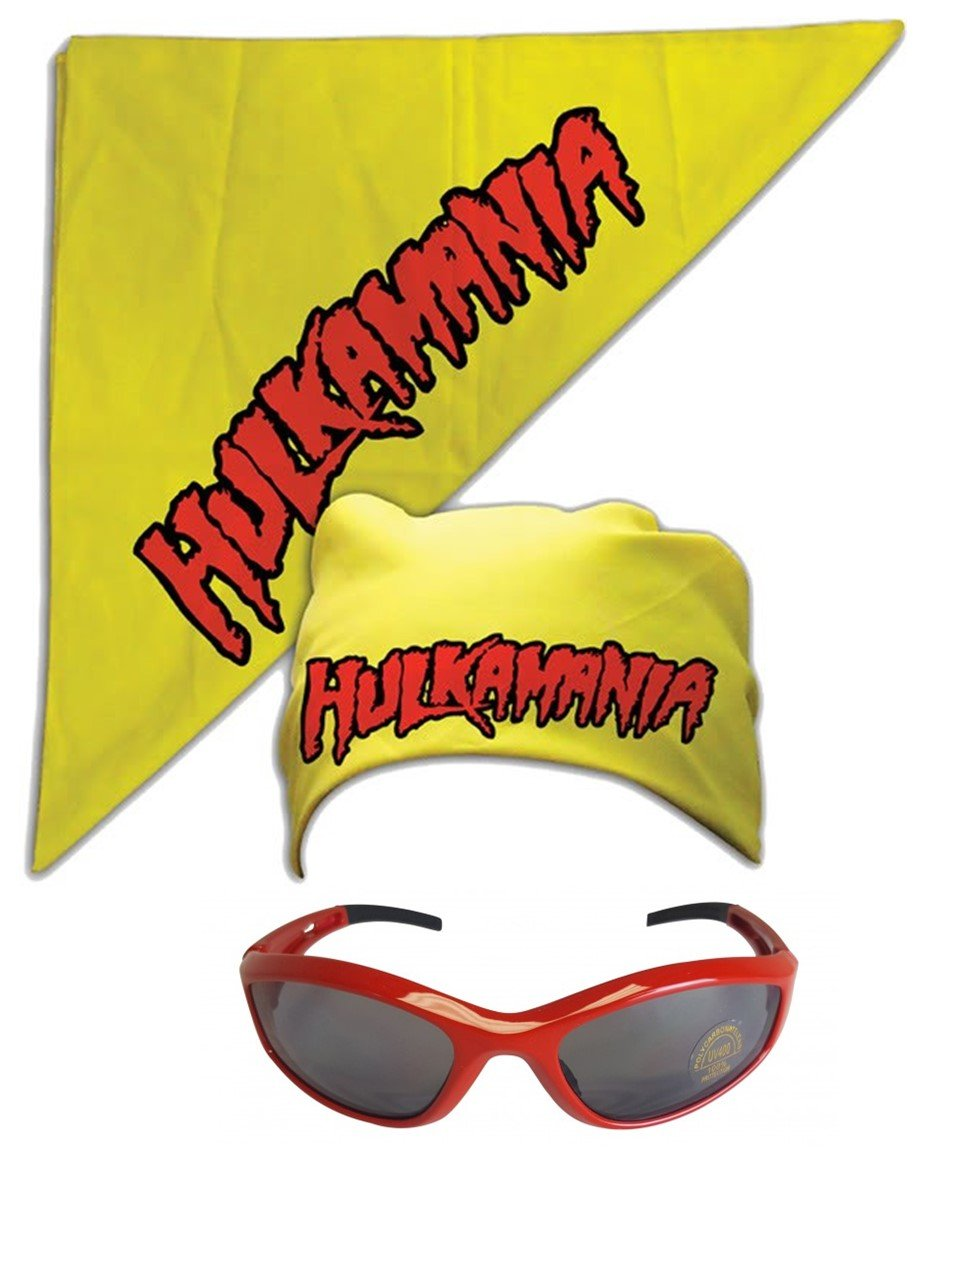 Hulk Hogan Hulkamania Bandana Sunglasses Costume -Yellow-Red